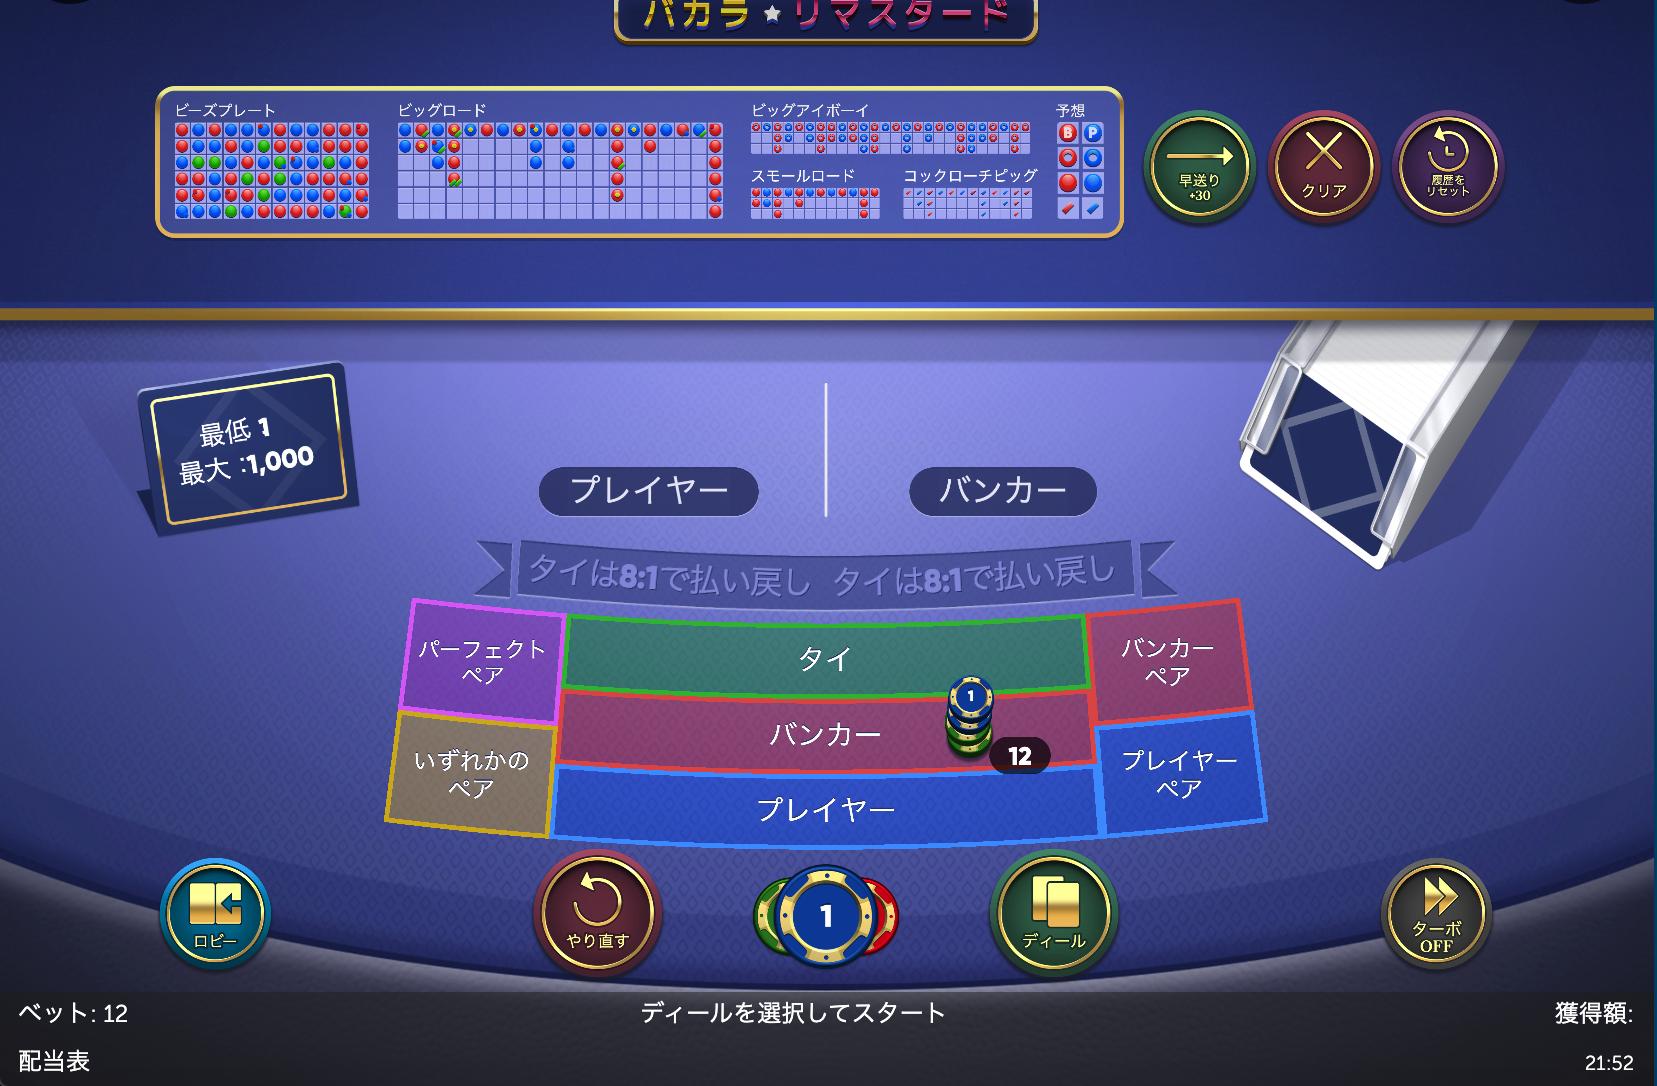 井0ストコーストプログレッション法12